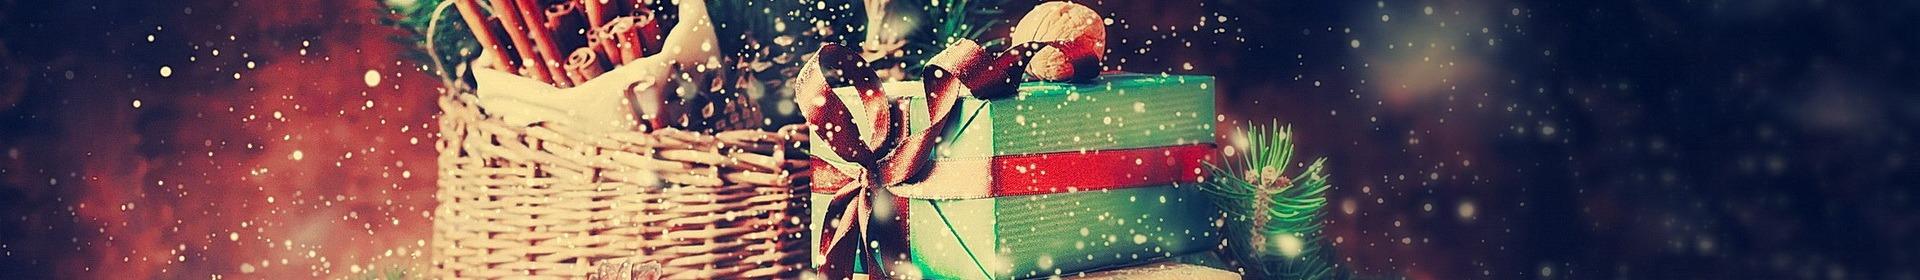 kosze świąteczne na prezenty